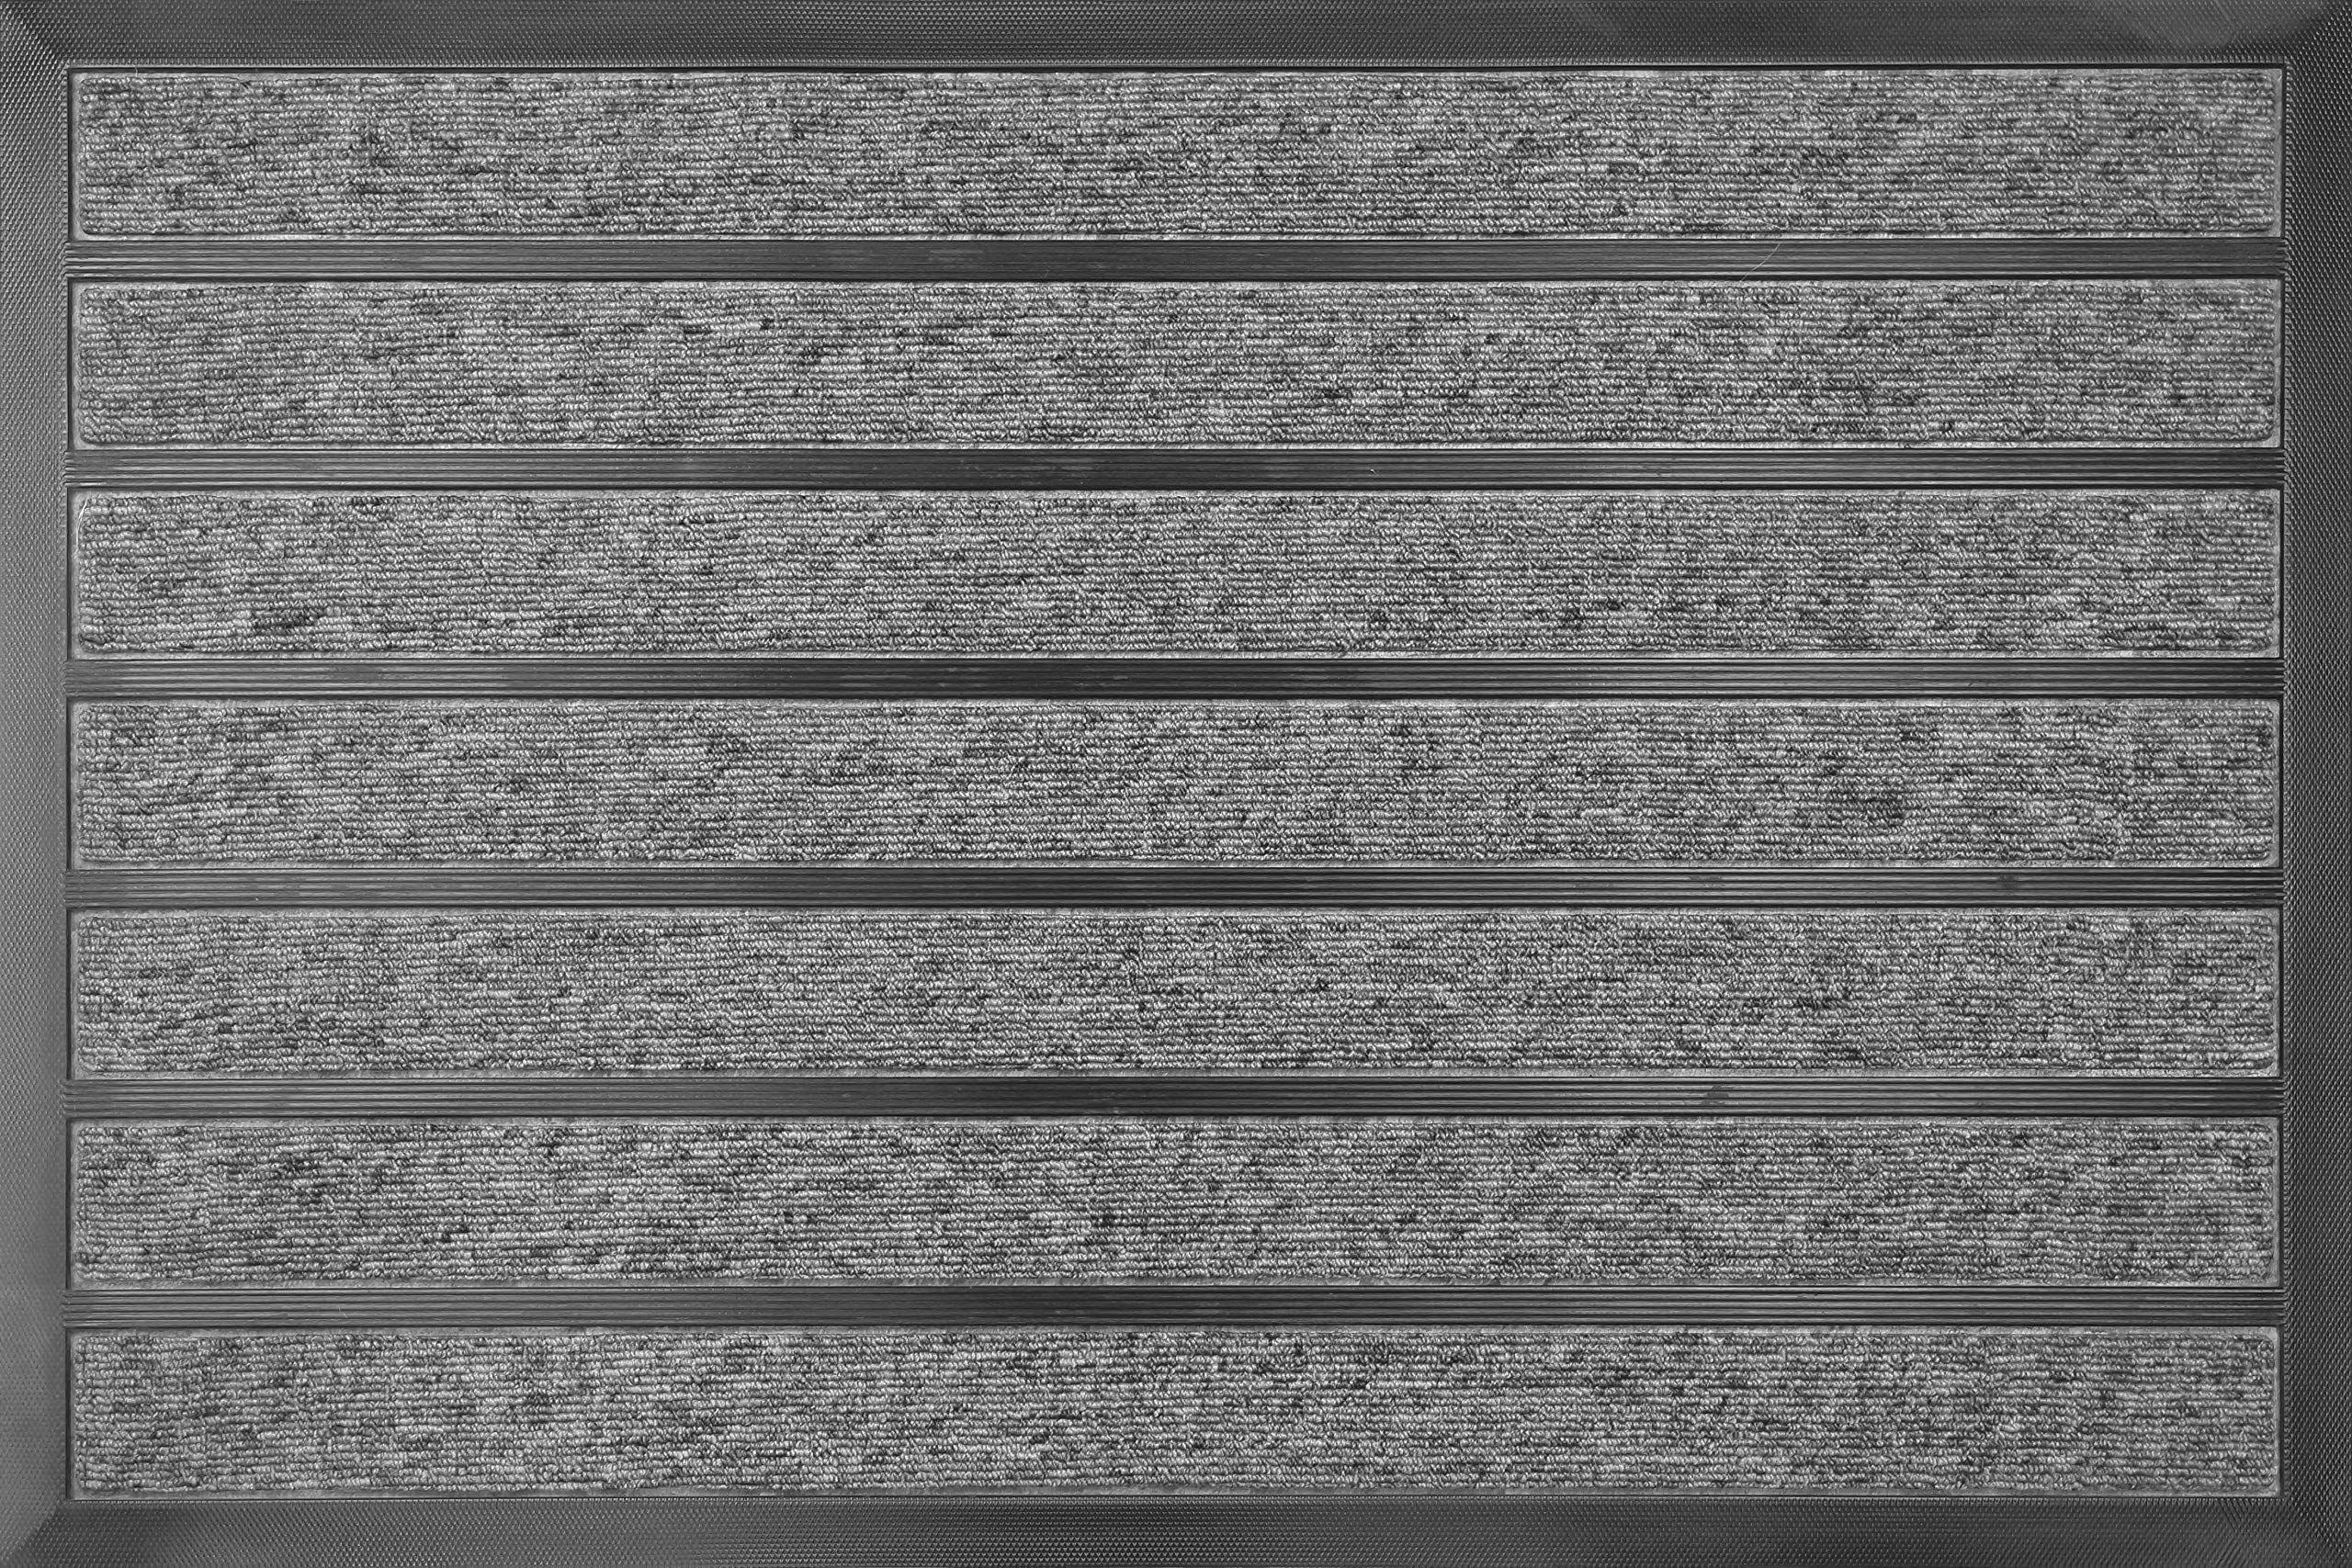 ID Matt 609002 combi'' chłonny dywan wycieraczka z włókna polipropylenu/PCW, kolor szary 80 x 60 x 1,1 cm